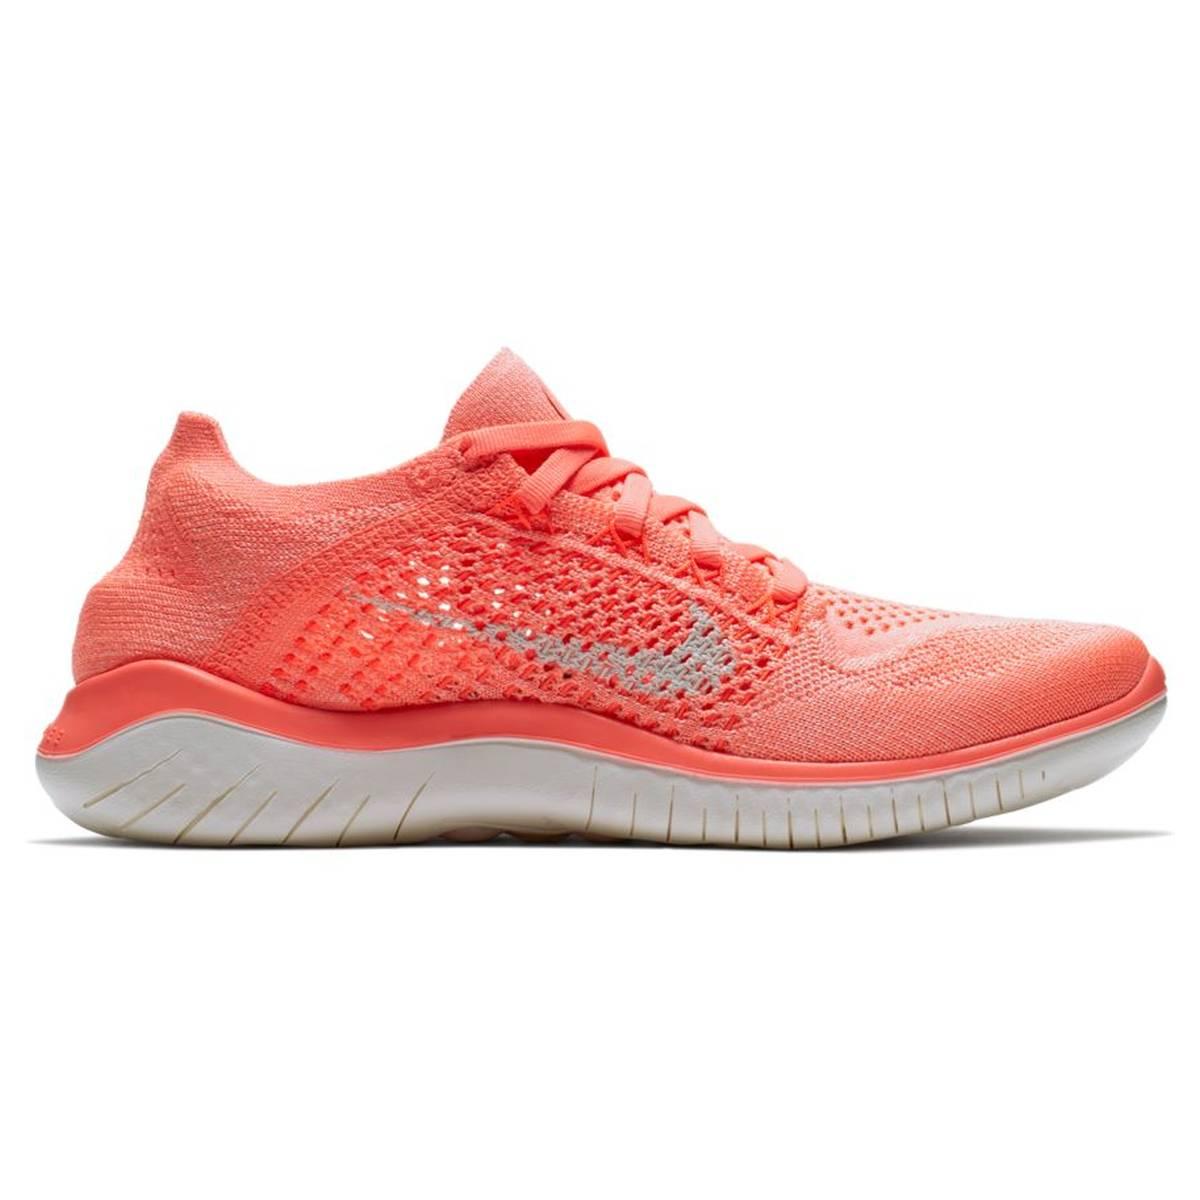 Nike Free RN Flyknit 2018 Damen Laufschuhe Gr. 37,5